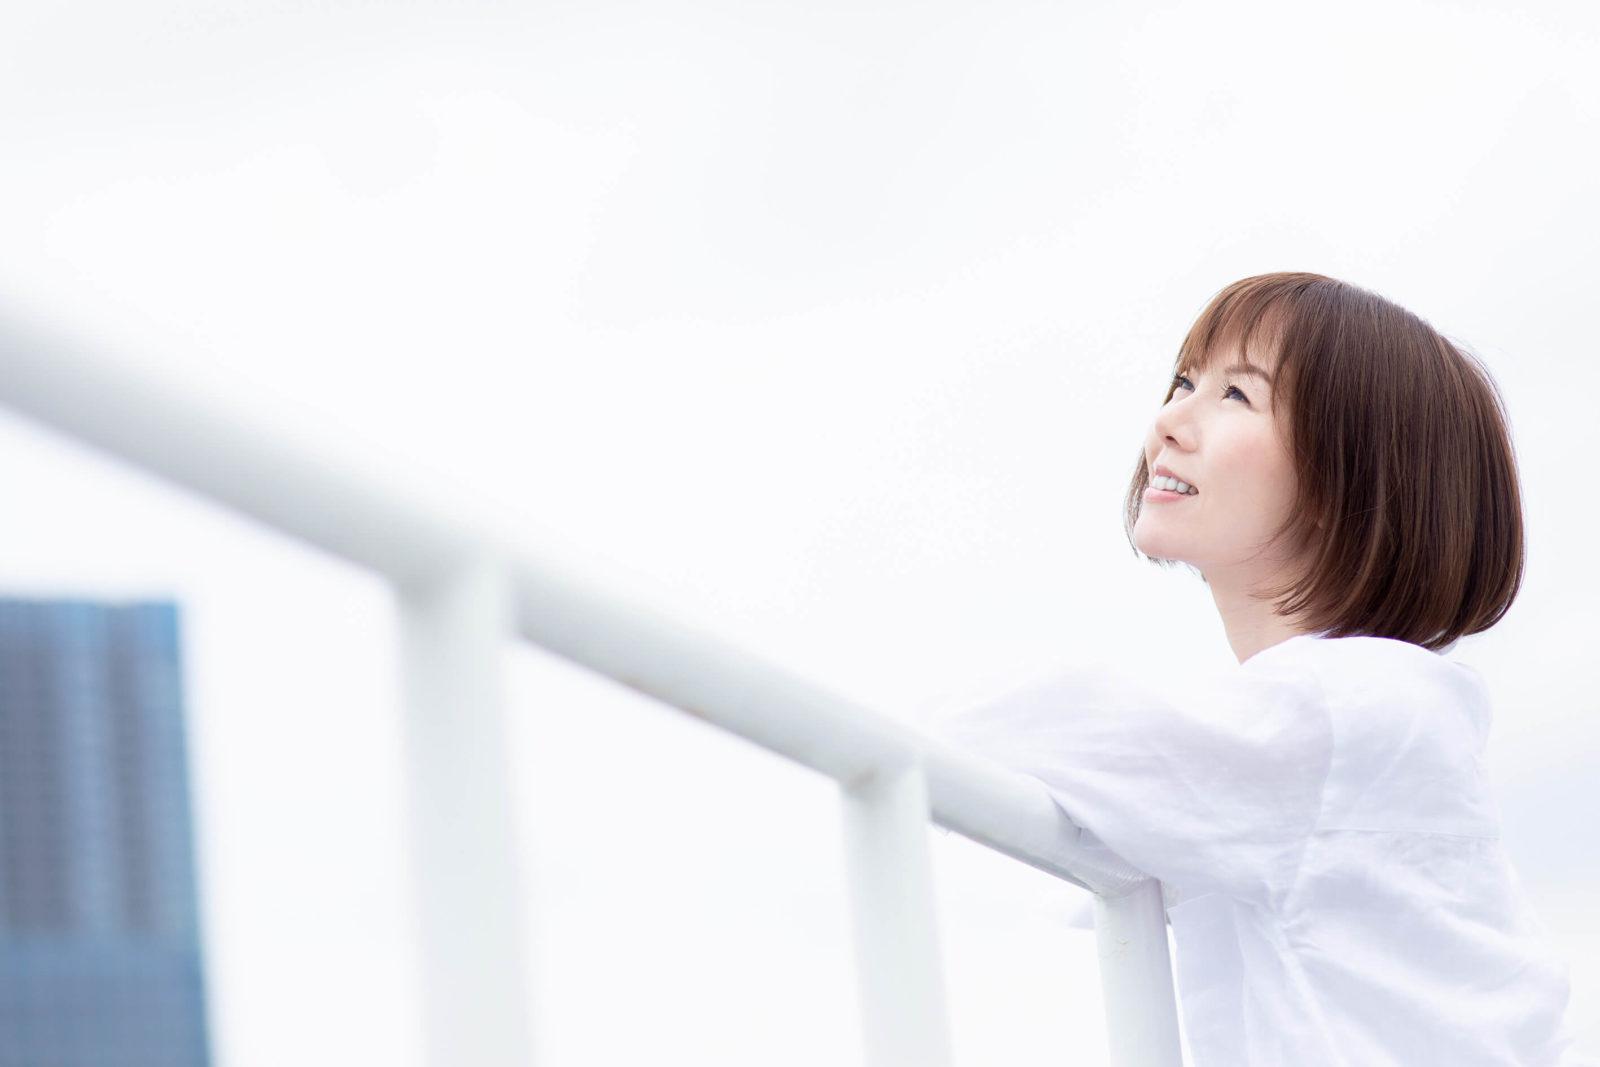 半崎美子「うた弁2」全曲試聴トレーラー公開サムネイル画像